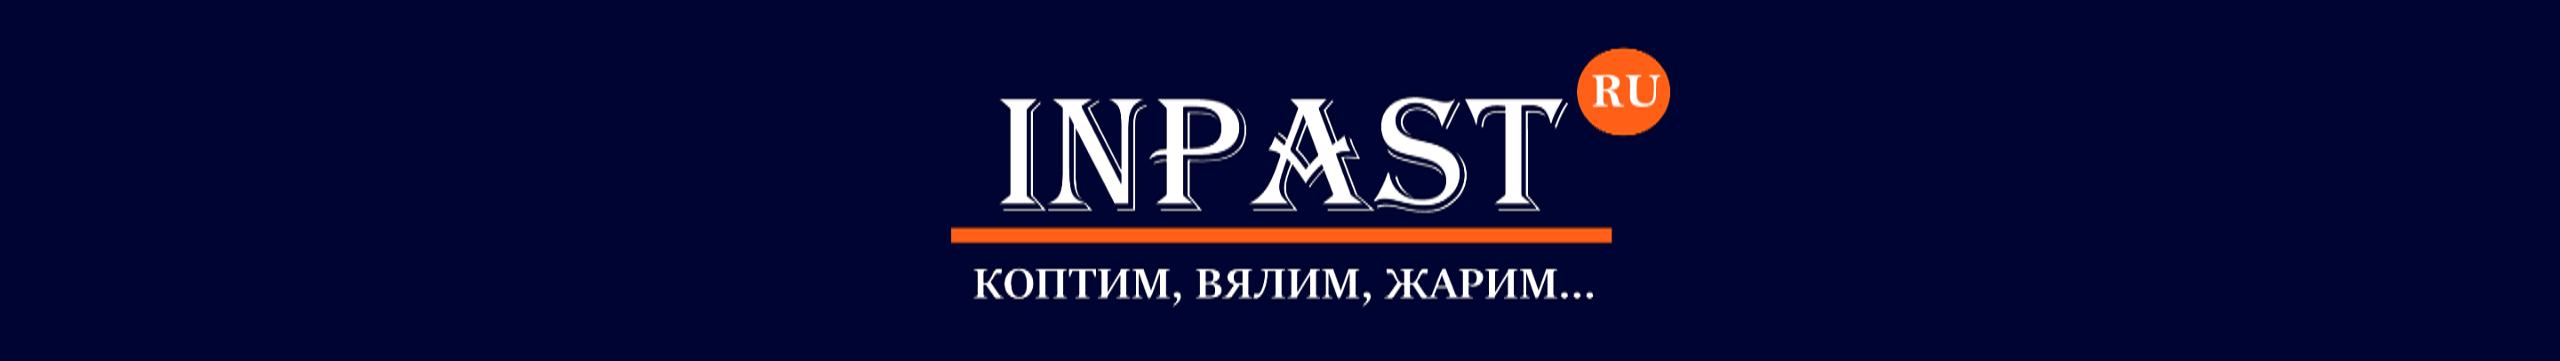 InPast.ru